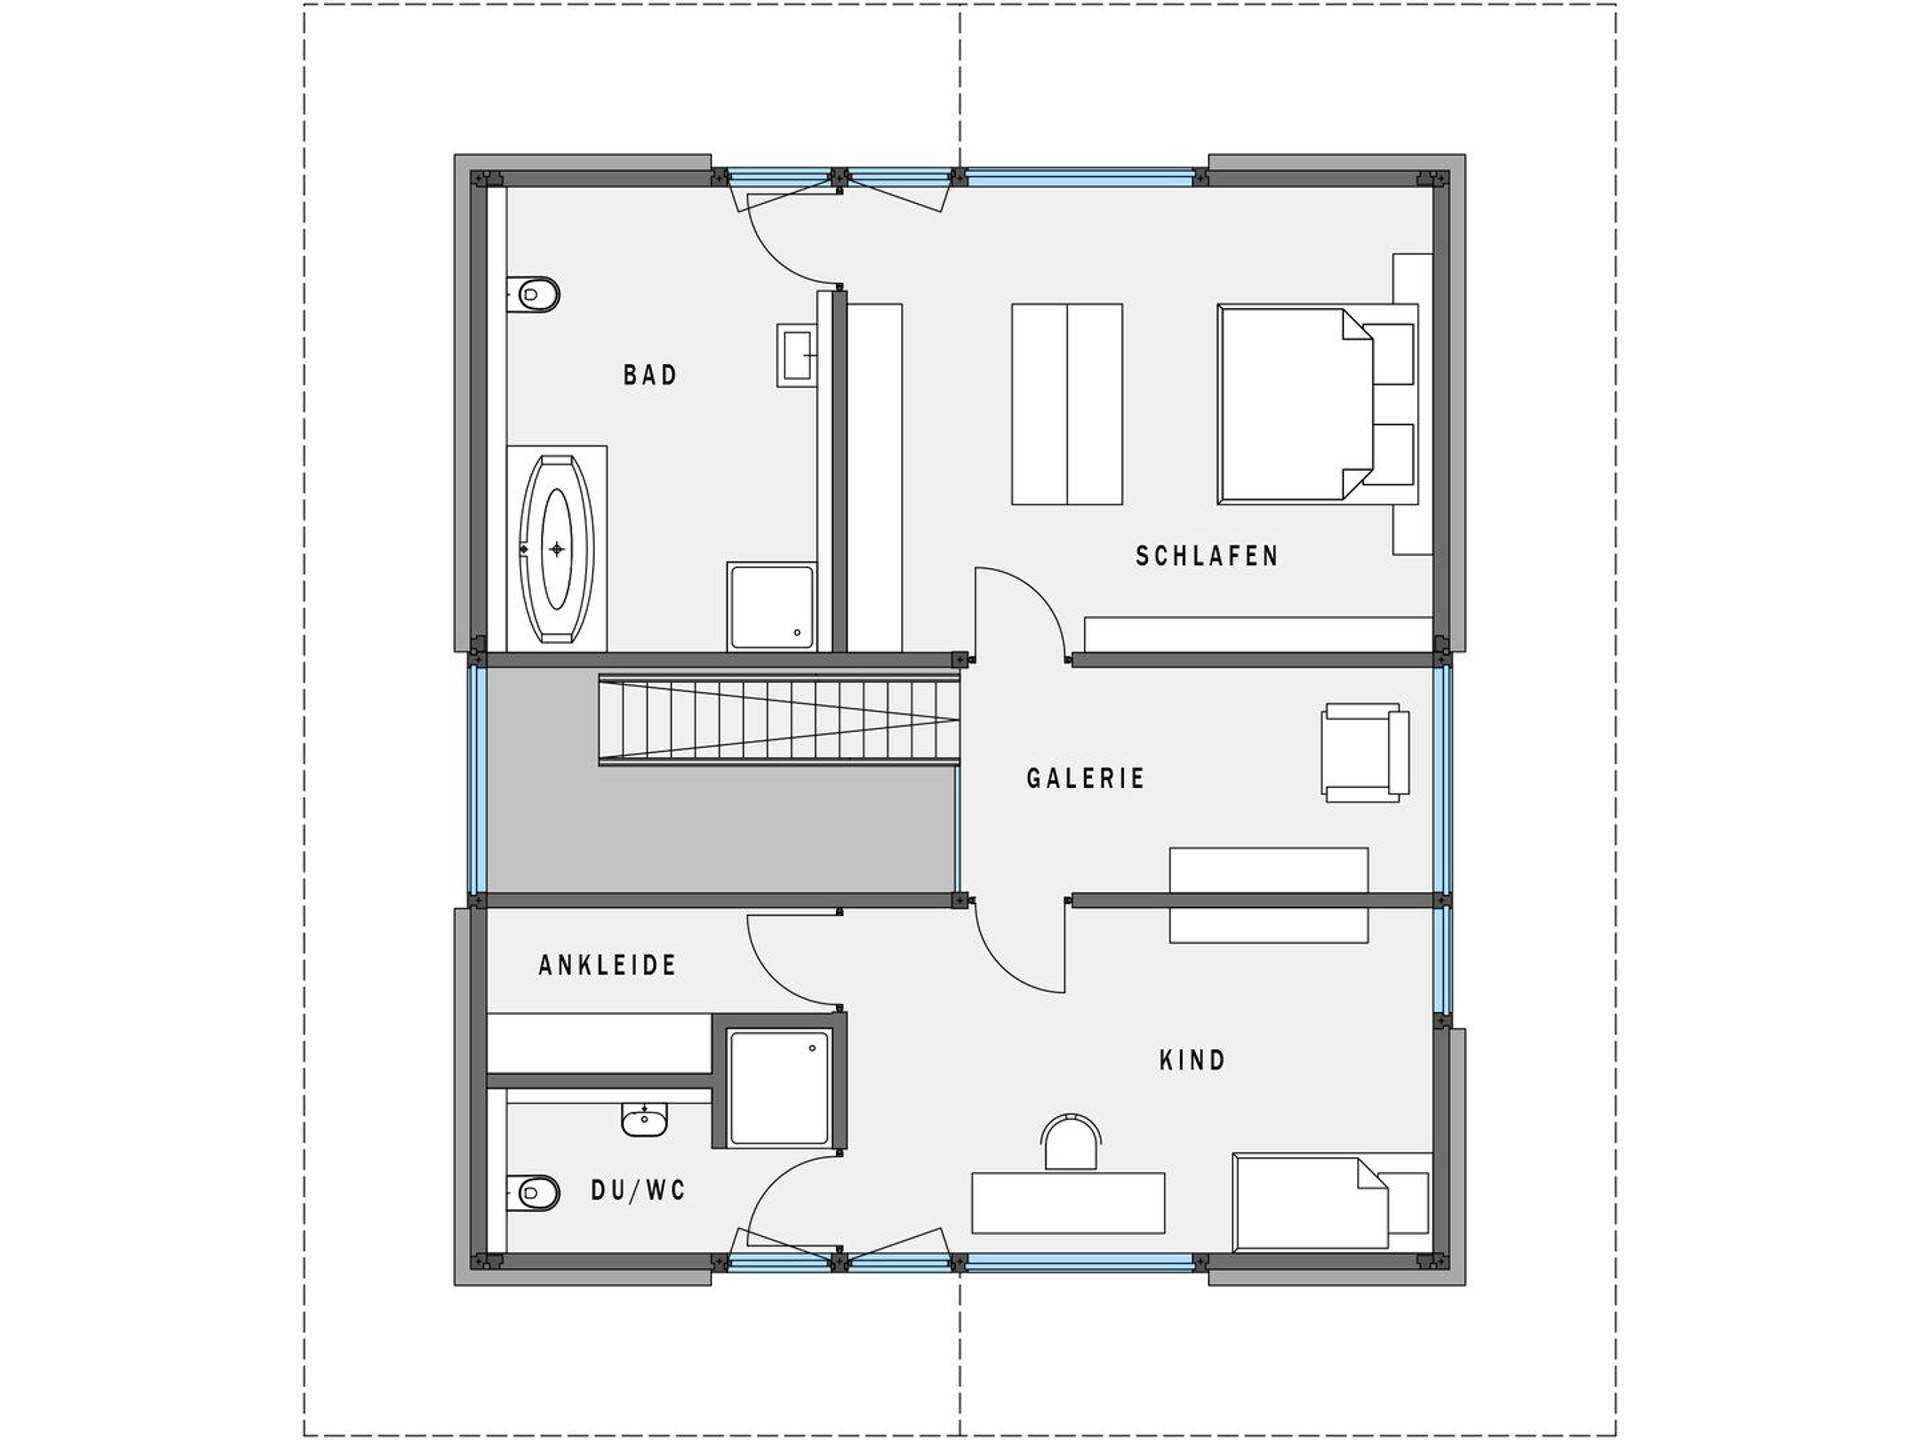 fenster im grundriss zeichnen kche grundriss zeichnen. Black Bedroom Furniture Sets. Home Design Ideas